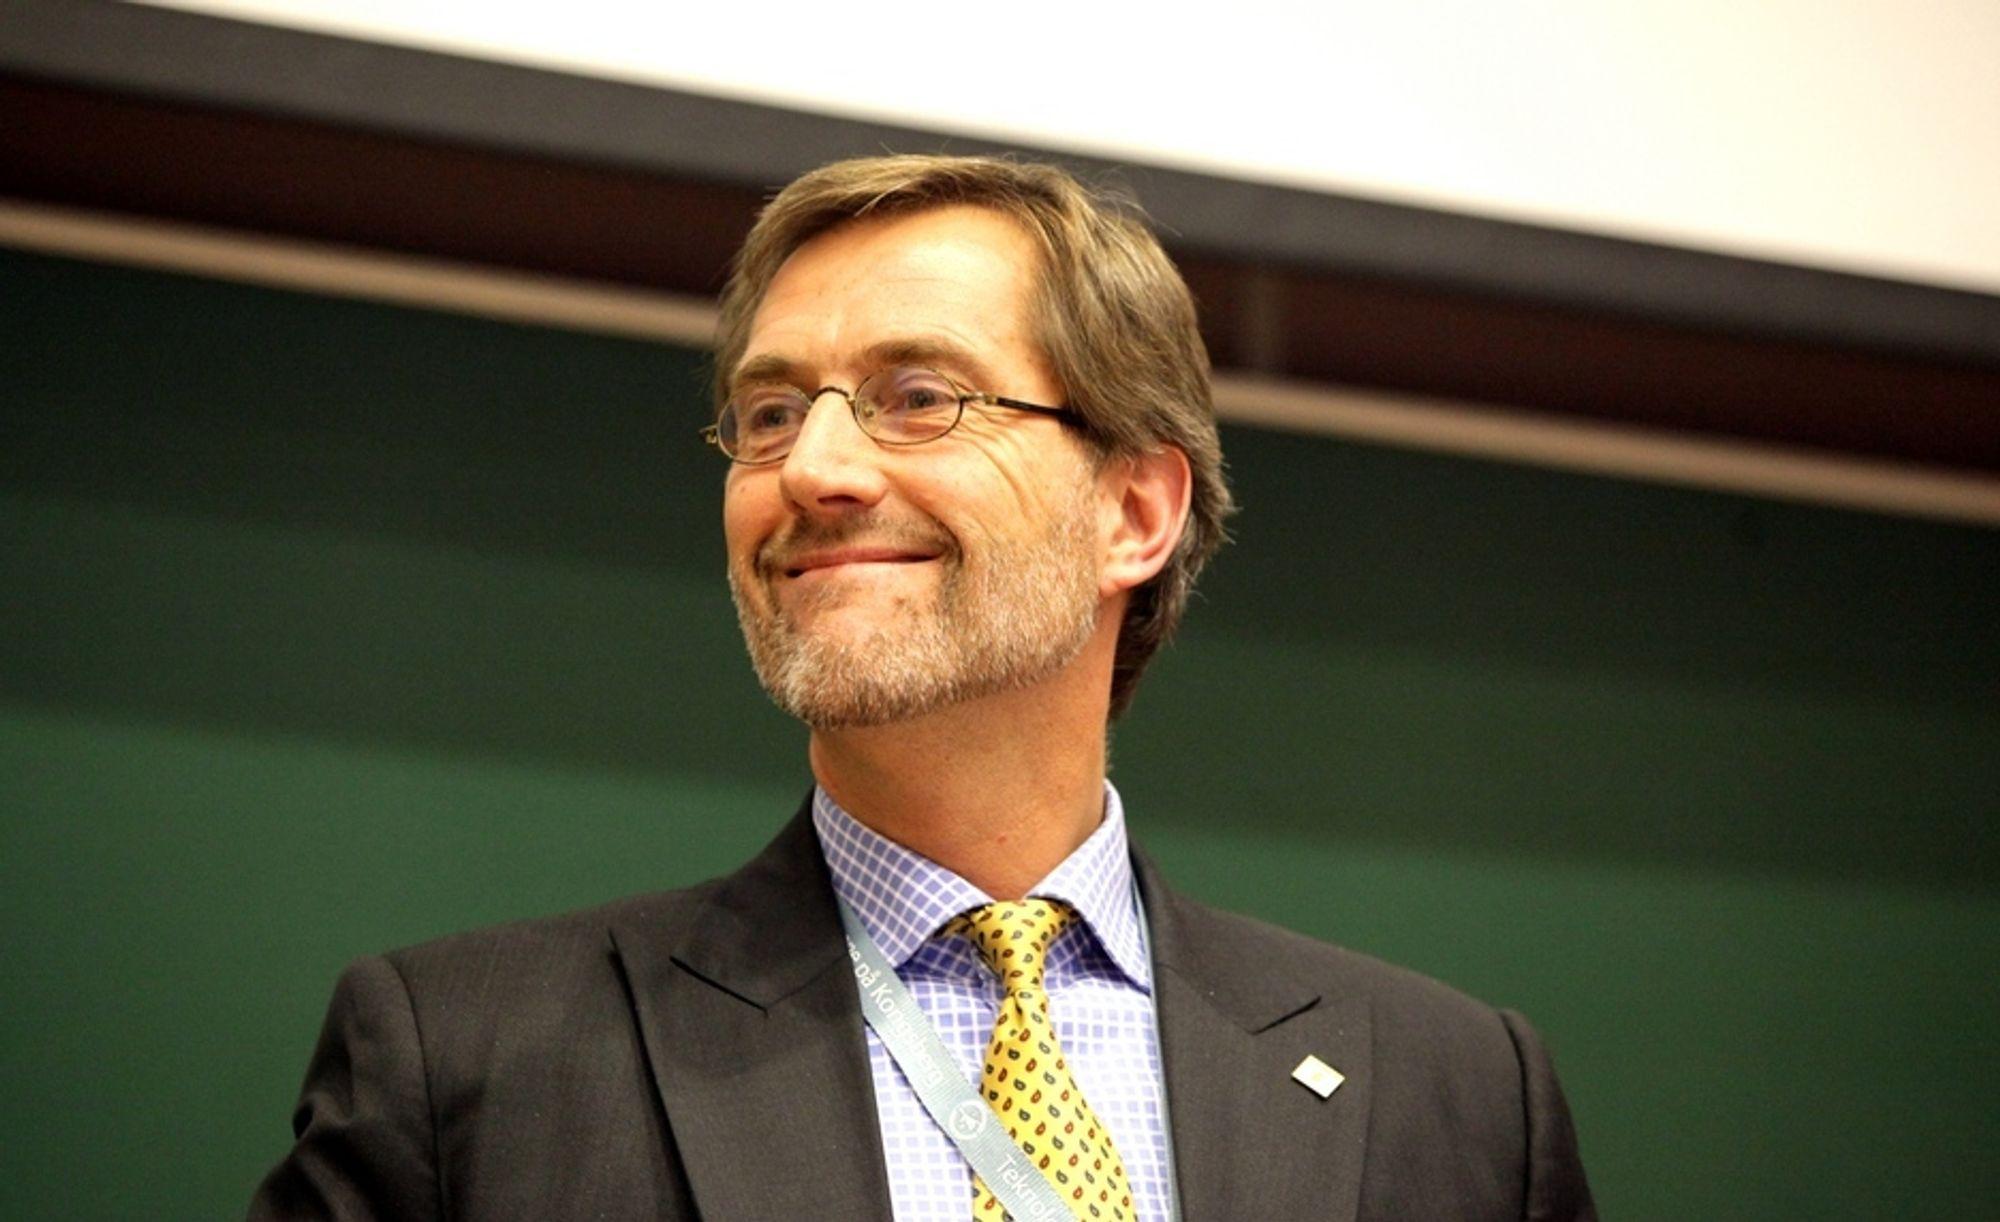 Kongsberg Gruppen som har utvidet avtalen med US Army ledes av konsernsjef Walter Qvam.